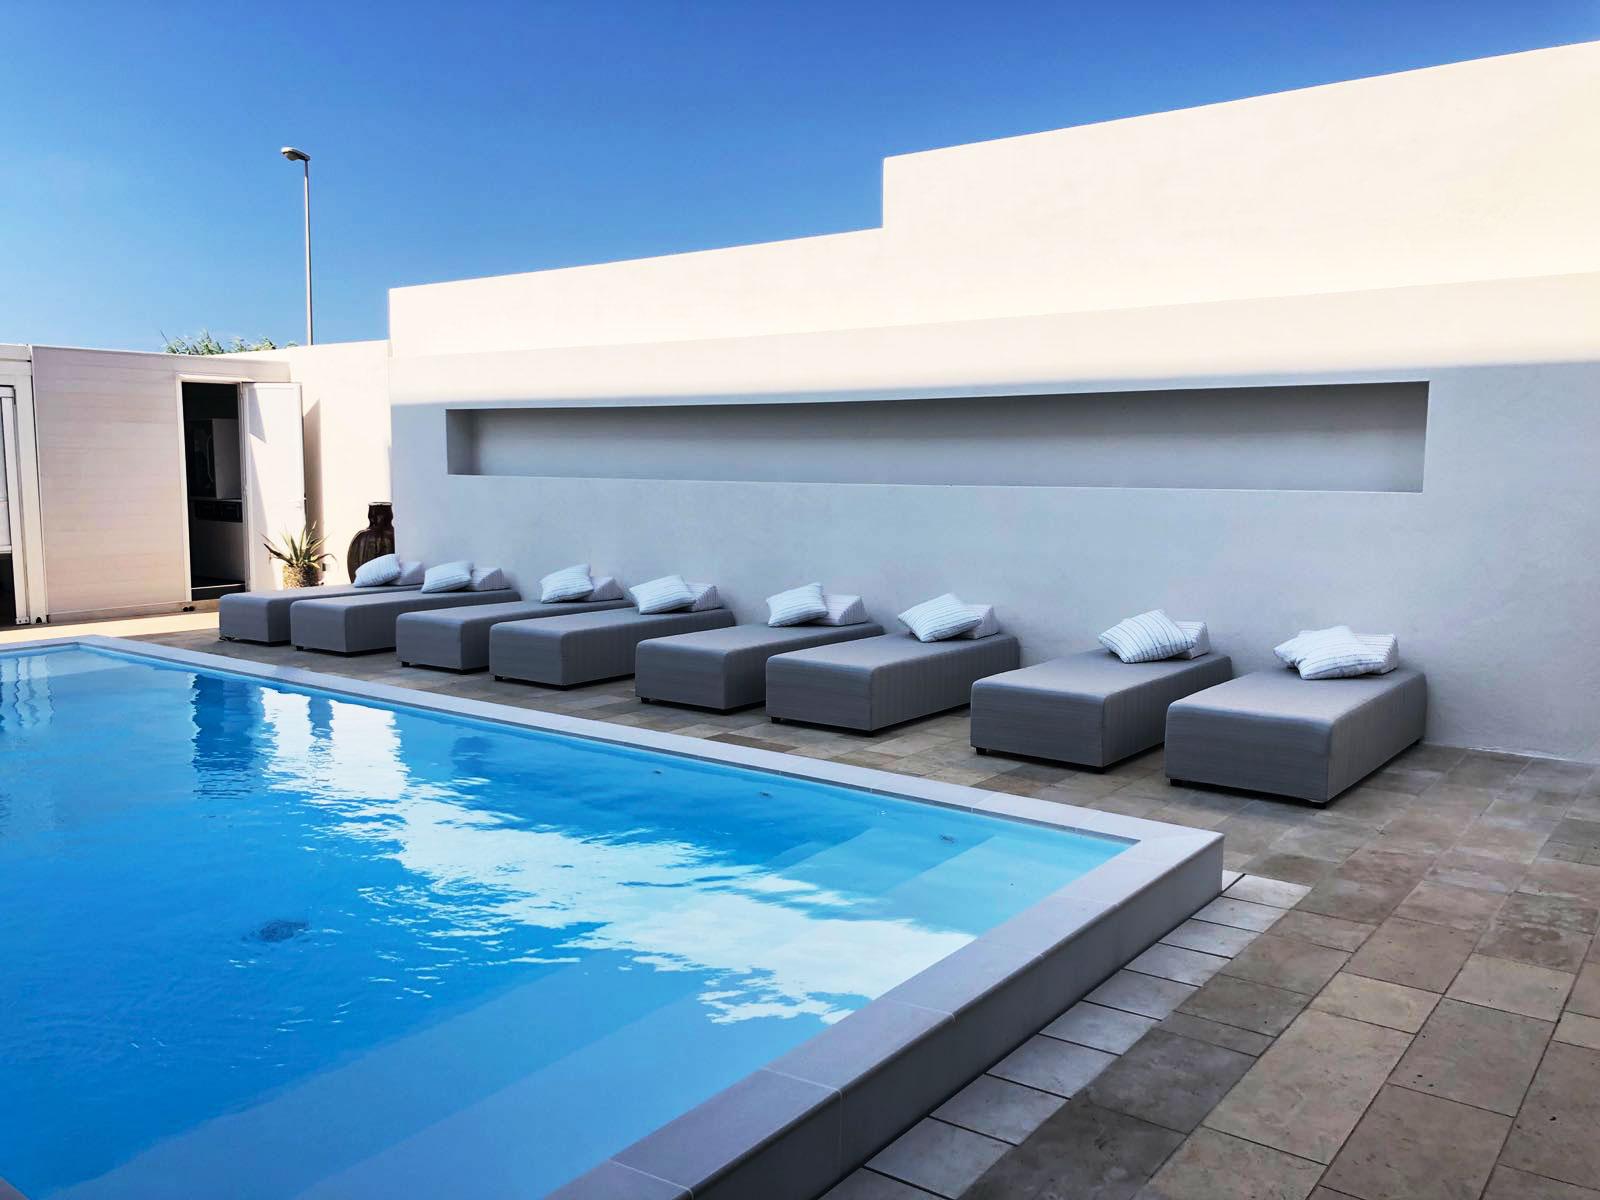 Hotel con piscina interna e area relax la conca hotel - Hotel corvara con piscina interna ...